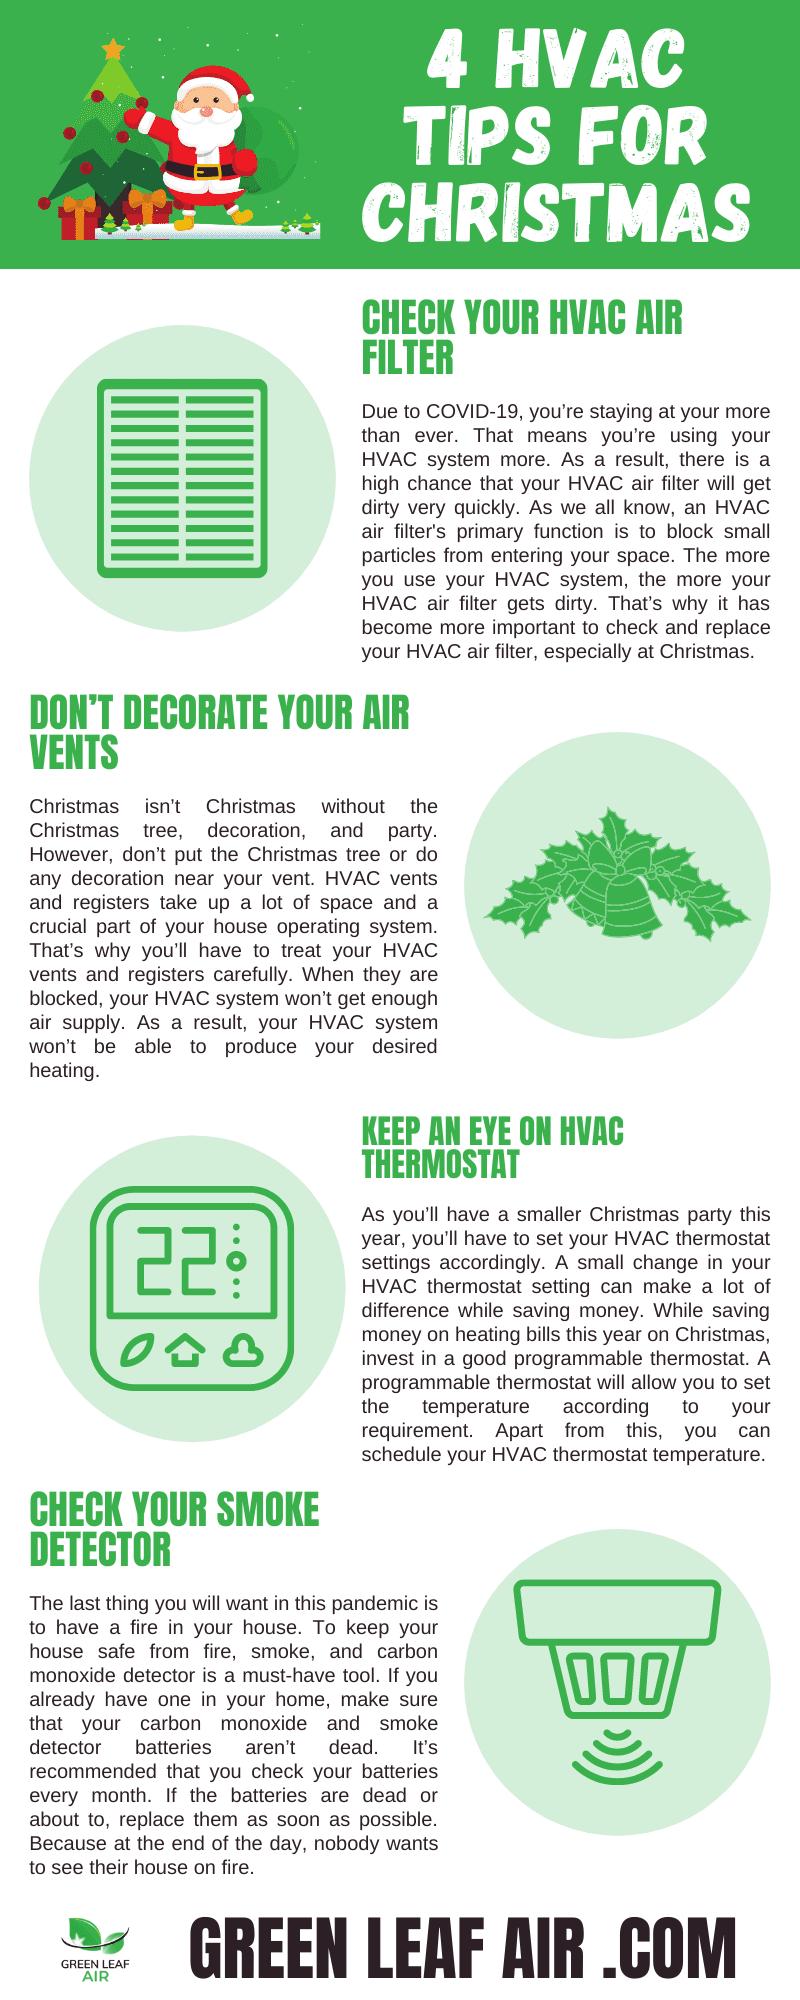 4 HVAC Tips for Christmas